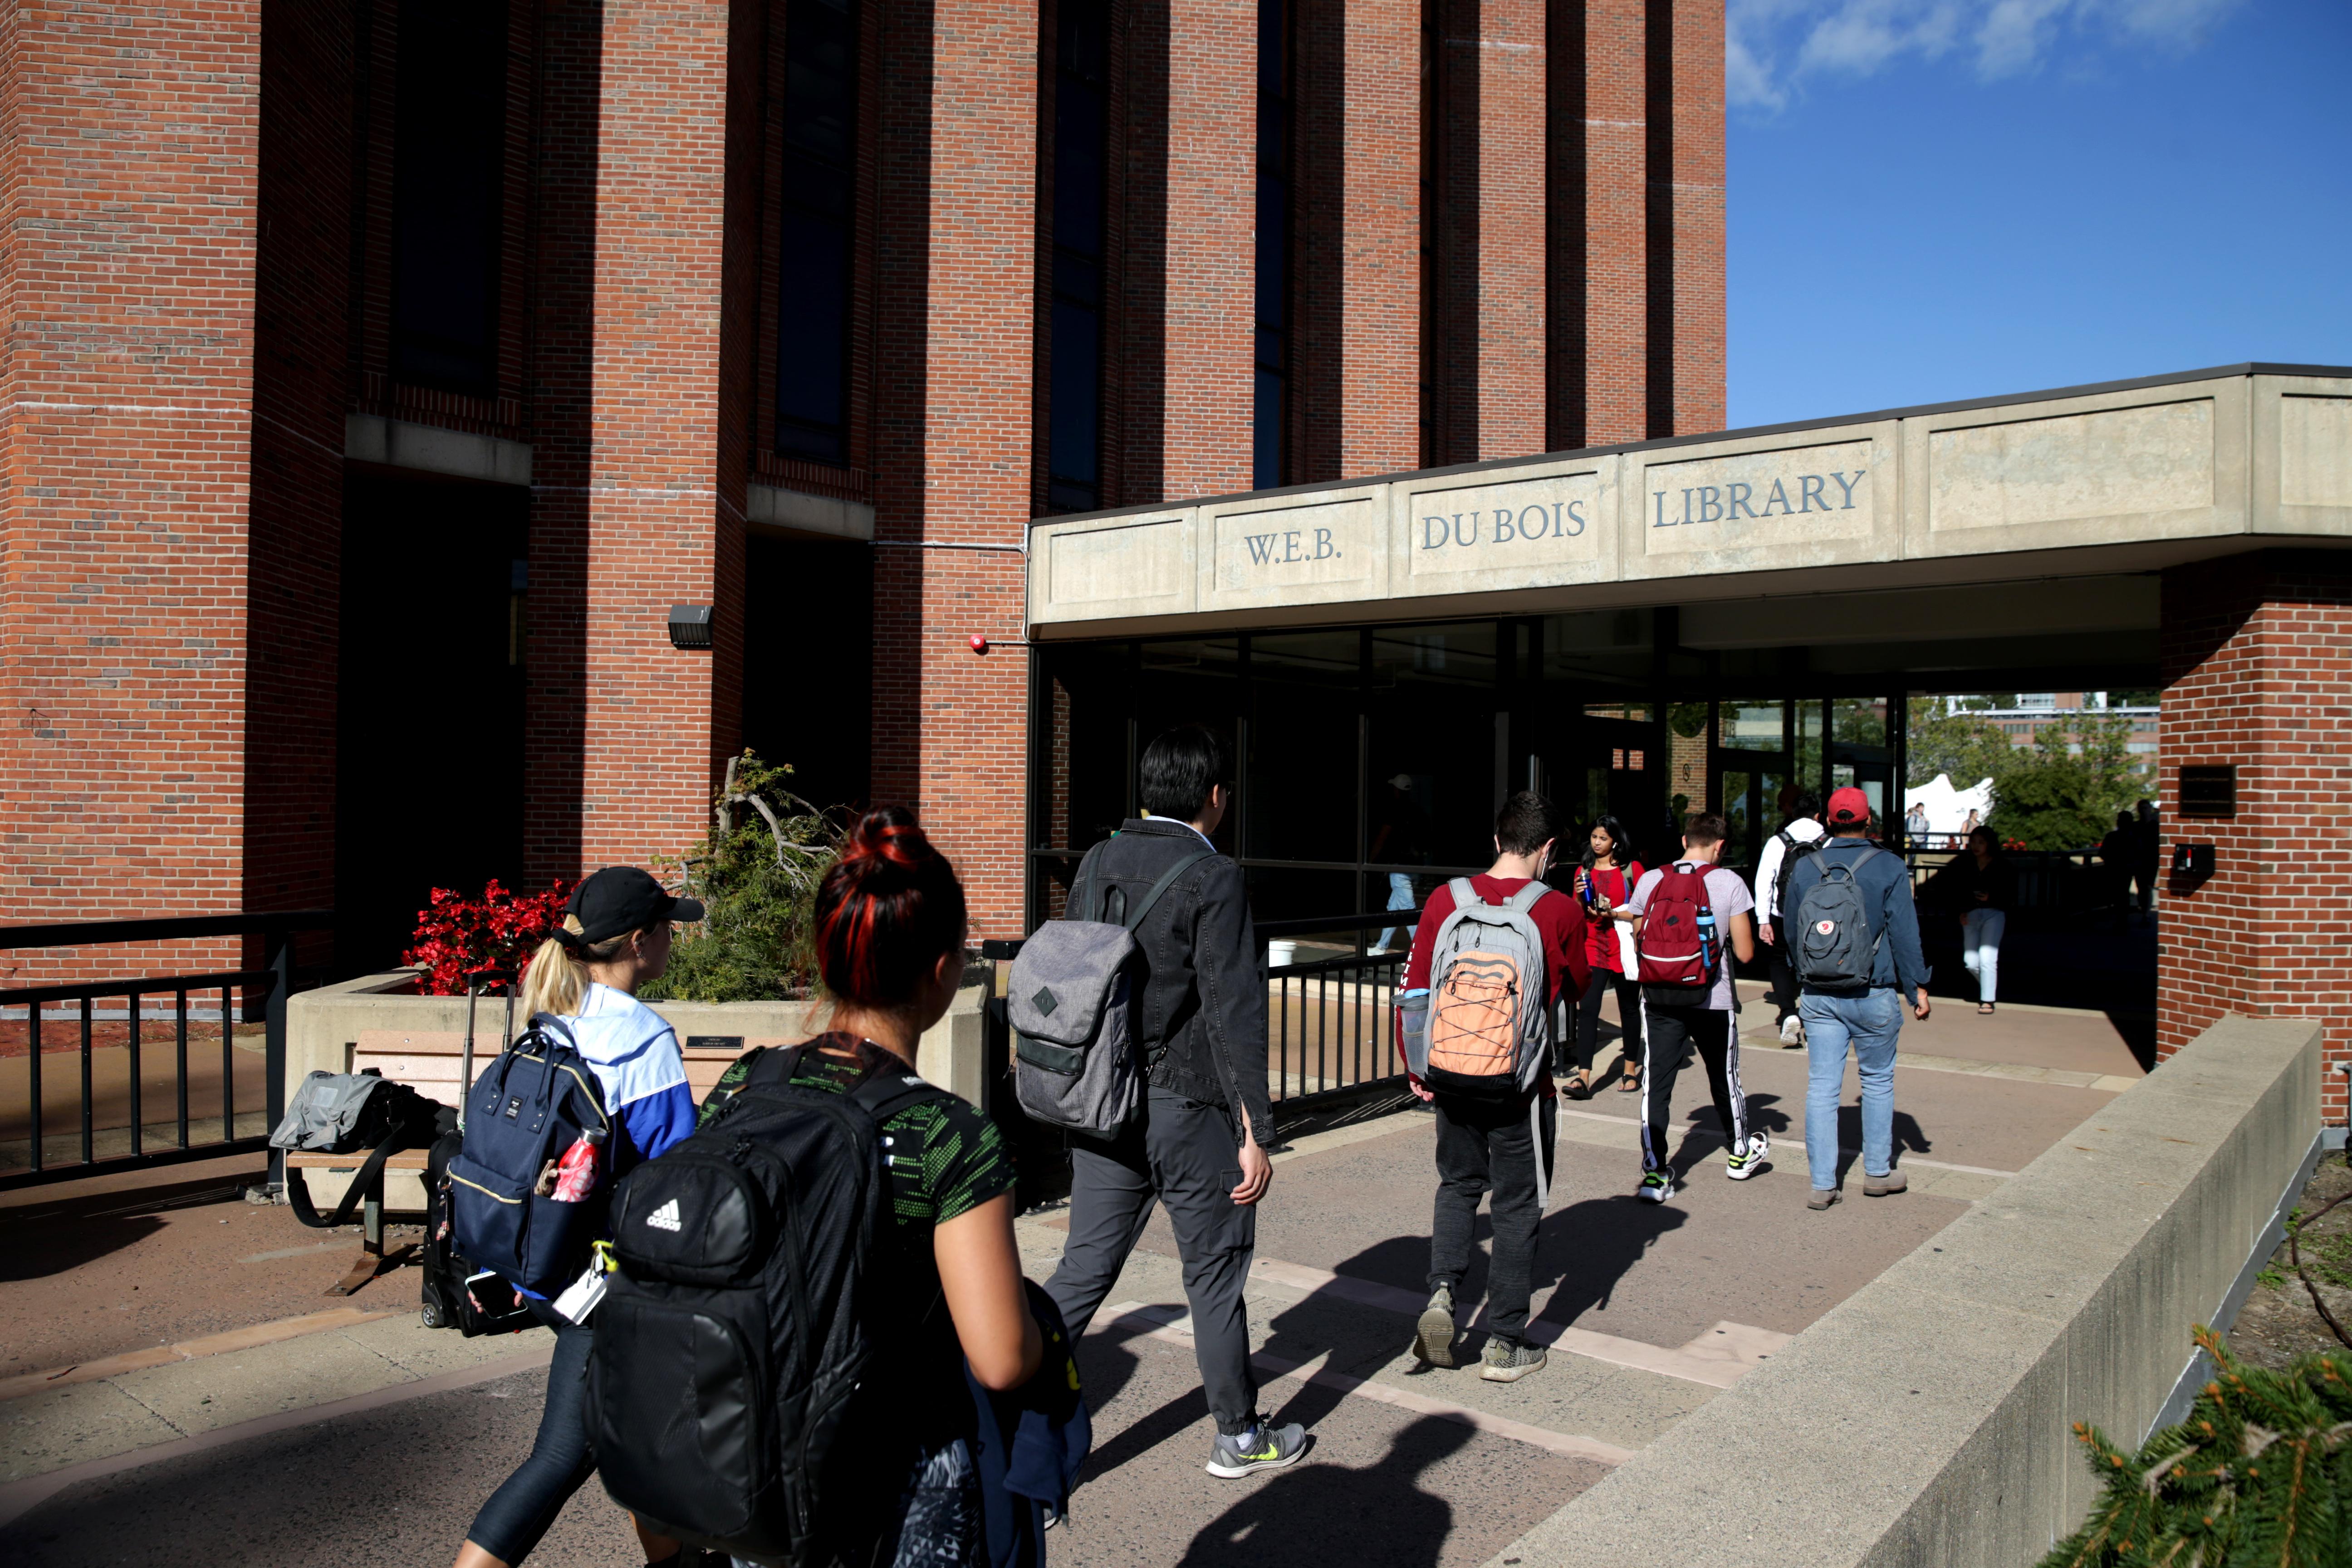 Northeastern Bu Umass To Shift To Online Classes In Response To Coronavirus The Boston Globe